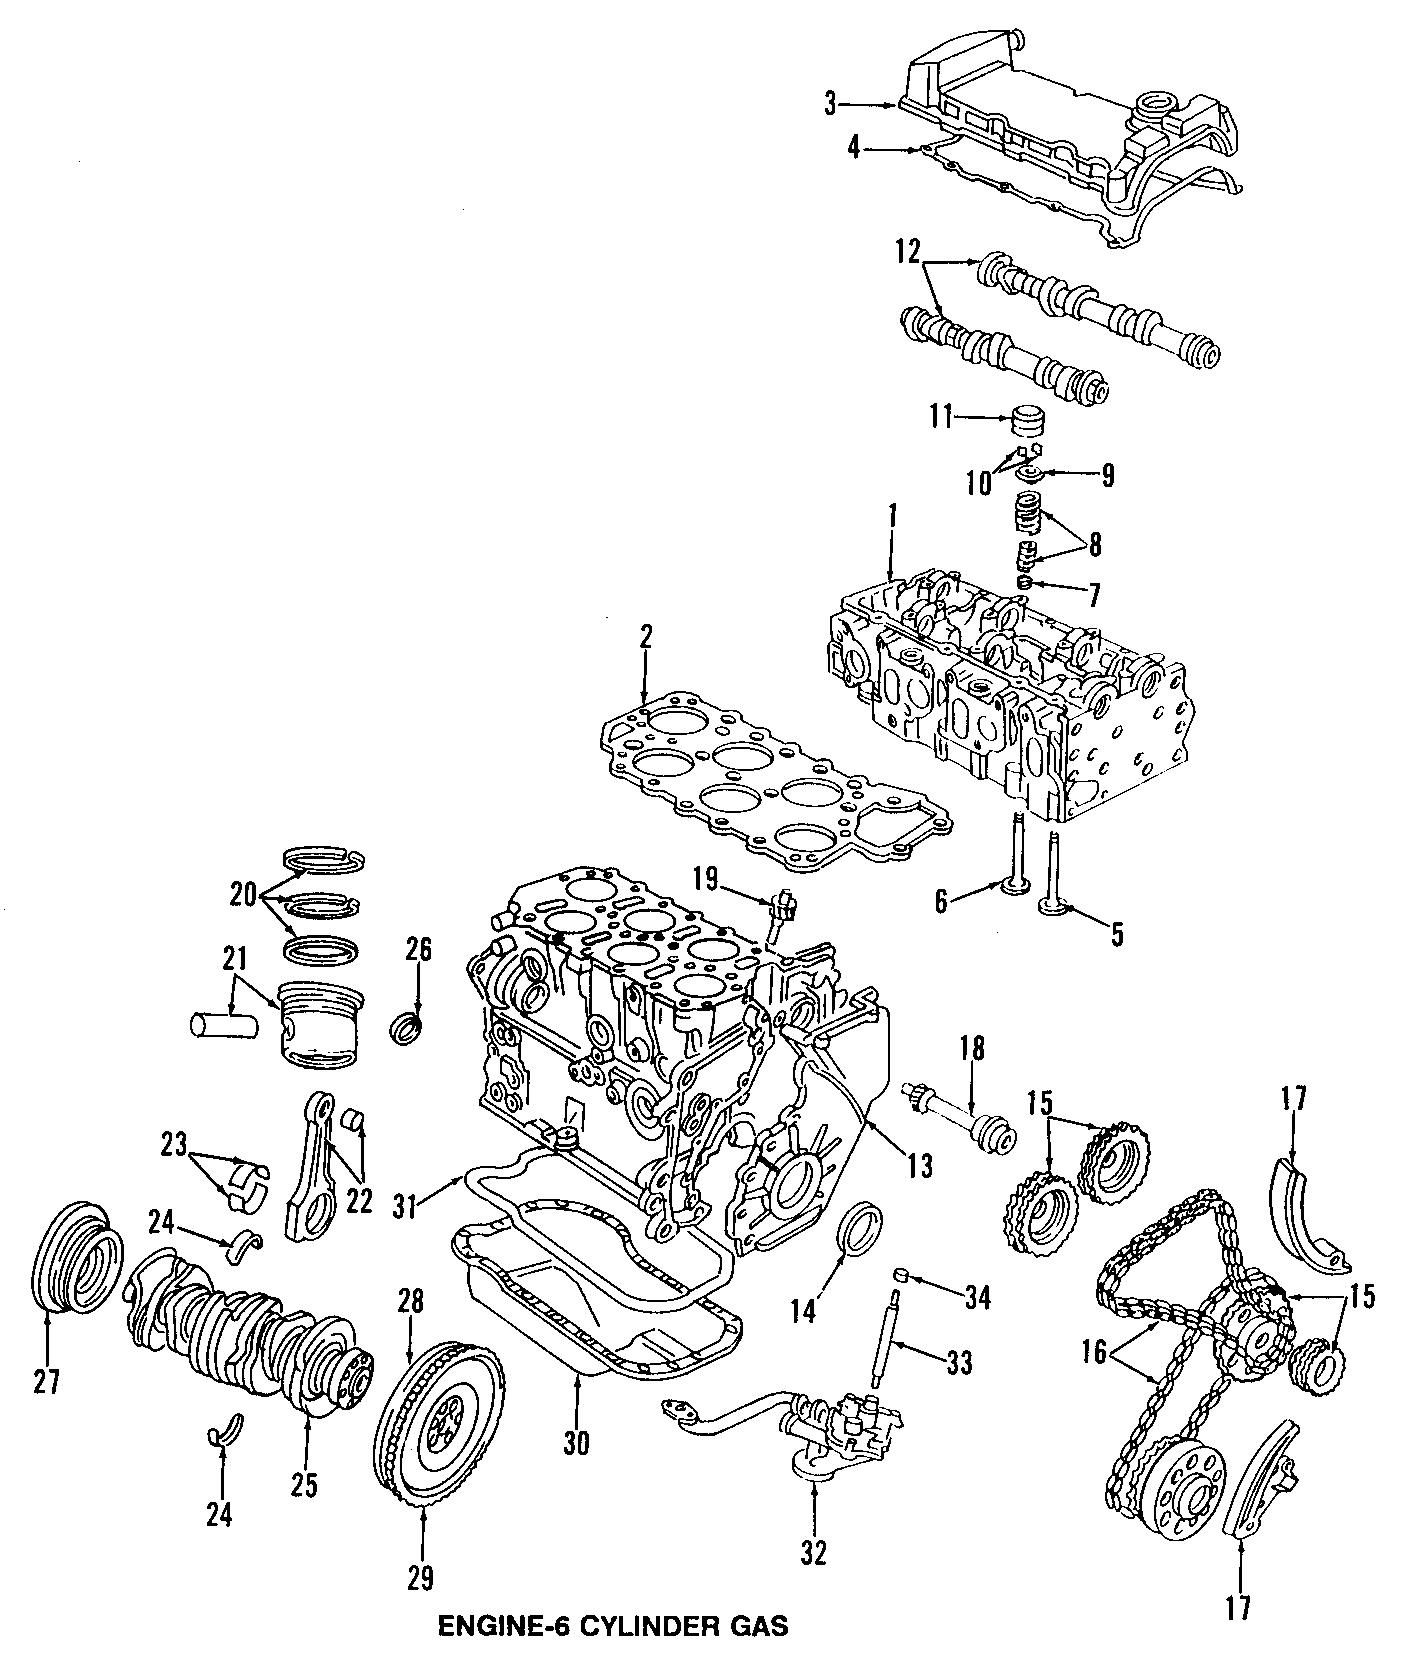 Volkswagen Jetta Engine Oil Cylinder